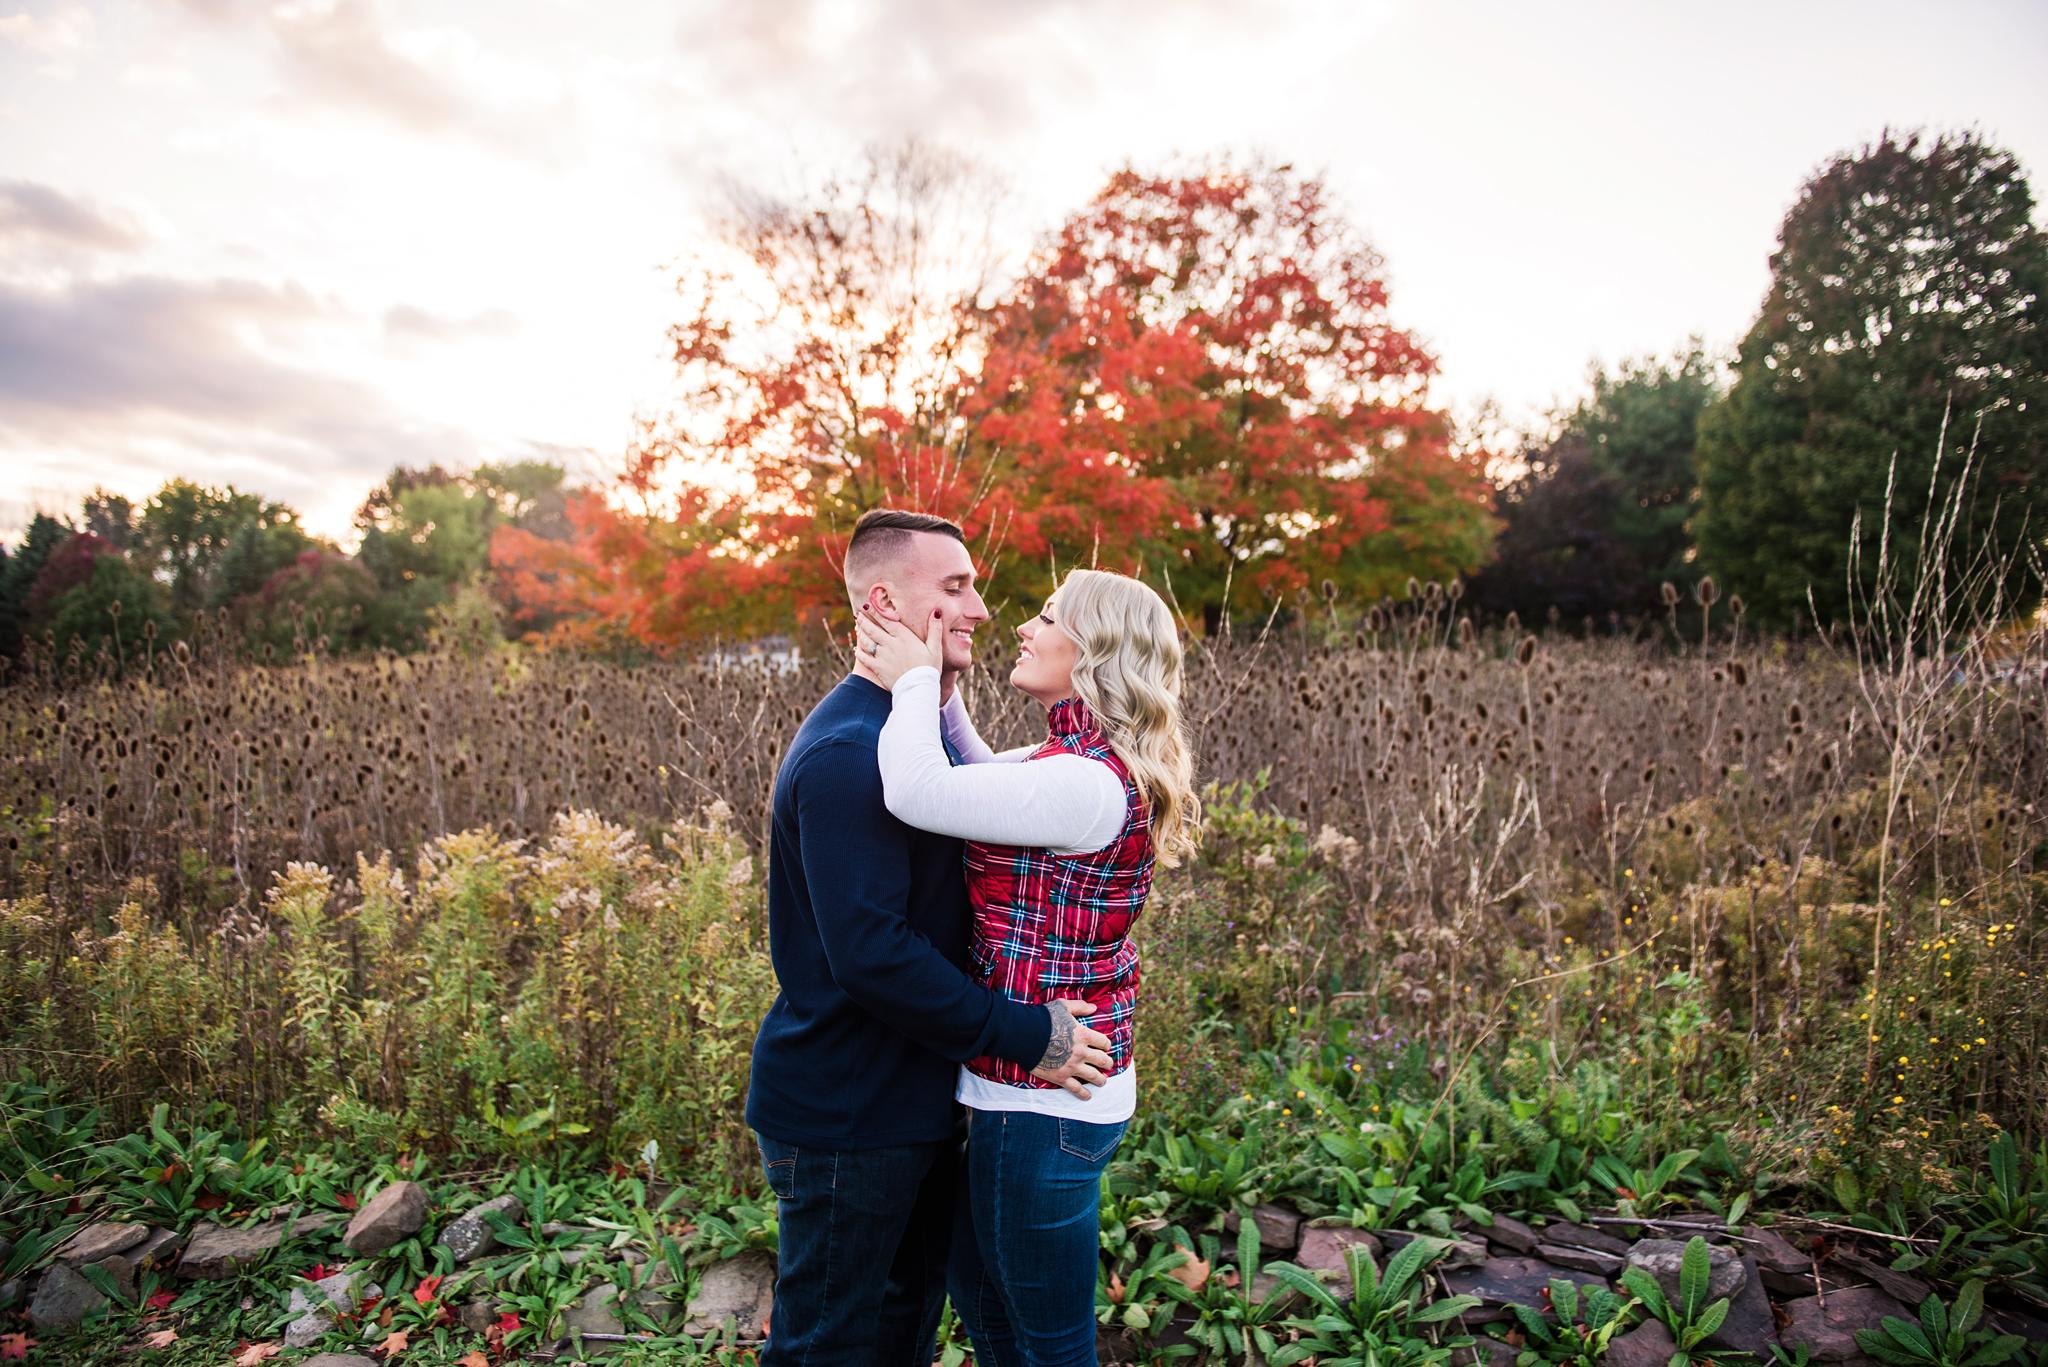 Tinker_Nature_Park_Rochester_Couples_Session_JILL_STUDIO_Rochester_NY_Photographer_DSC_4981.jpg